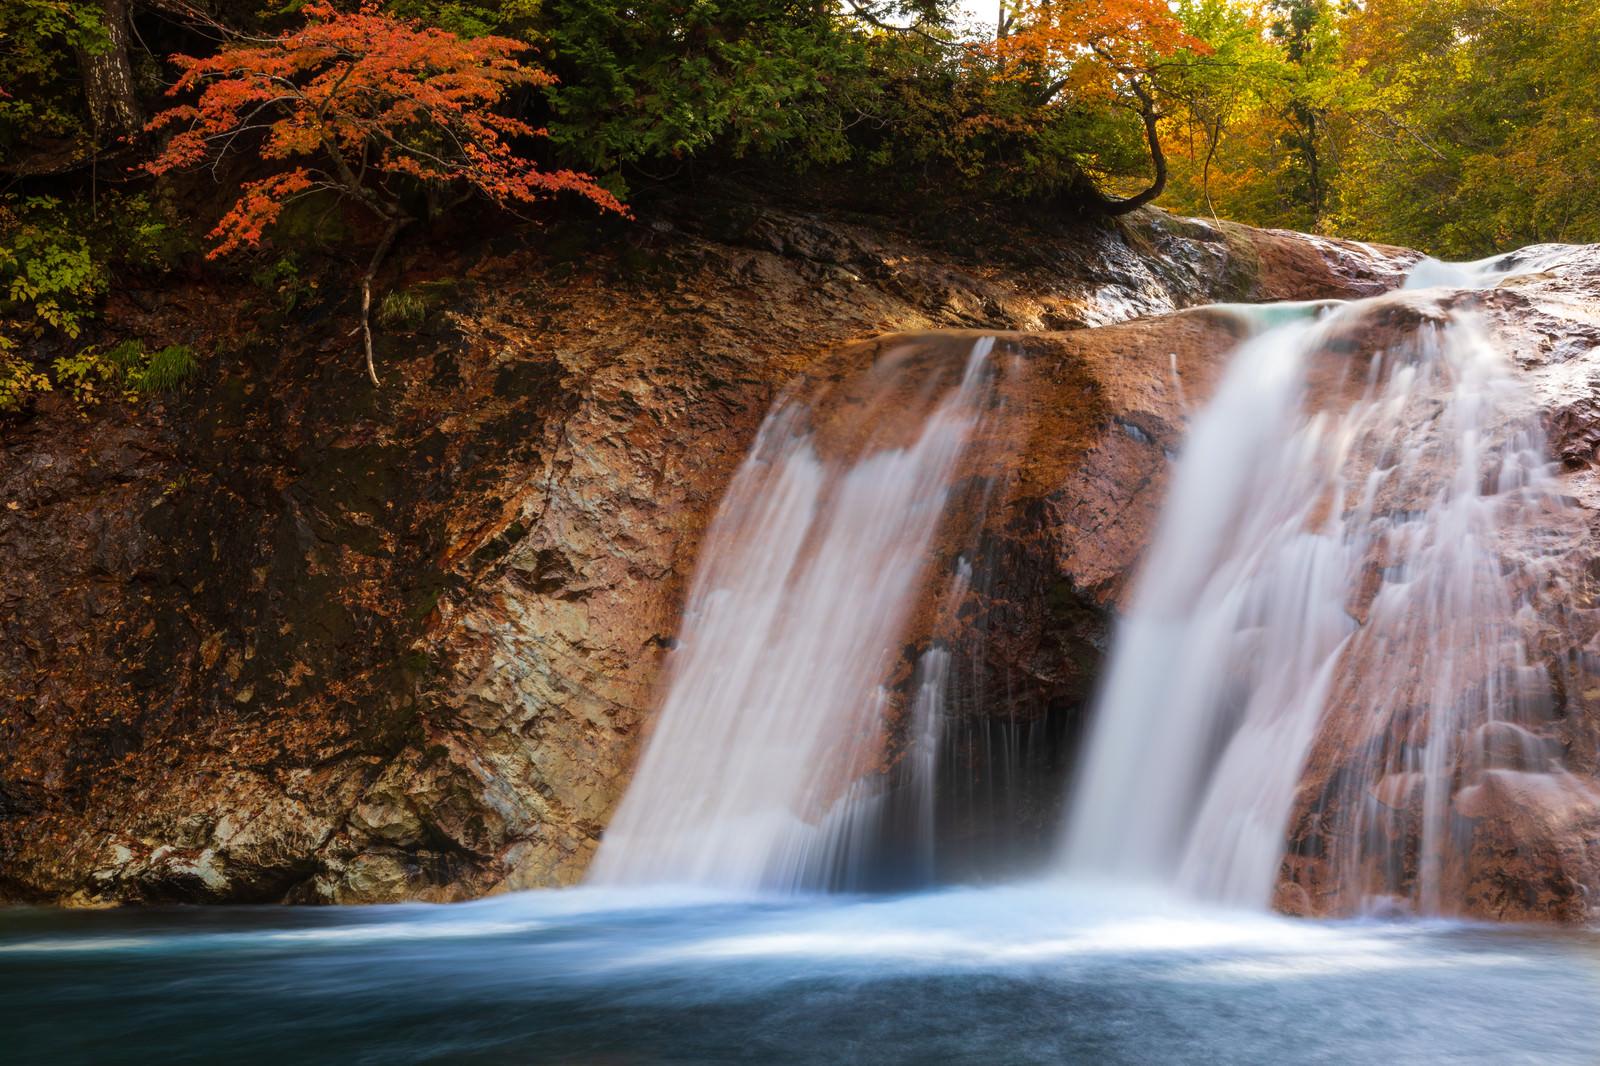 「紅葉と赤滝から落ちる水の流れ(秋田県雄勝郡東成瀬村)」の写真